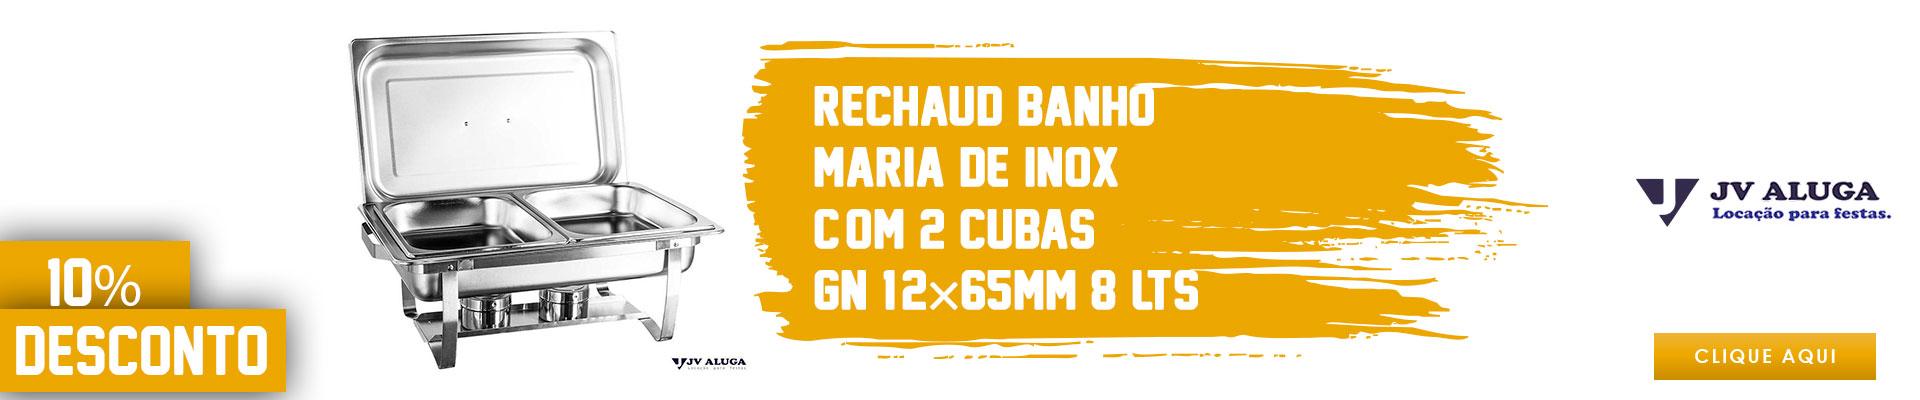 Rechaud Banho-maria De Inox C/ 2 Cubas (gn 1/2×65mm) - 8 Lts